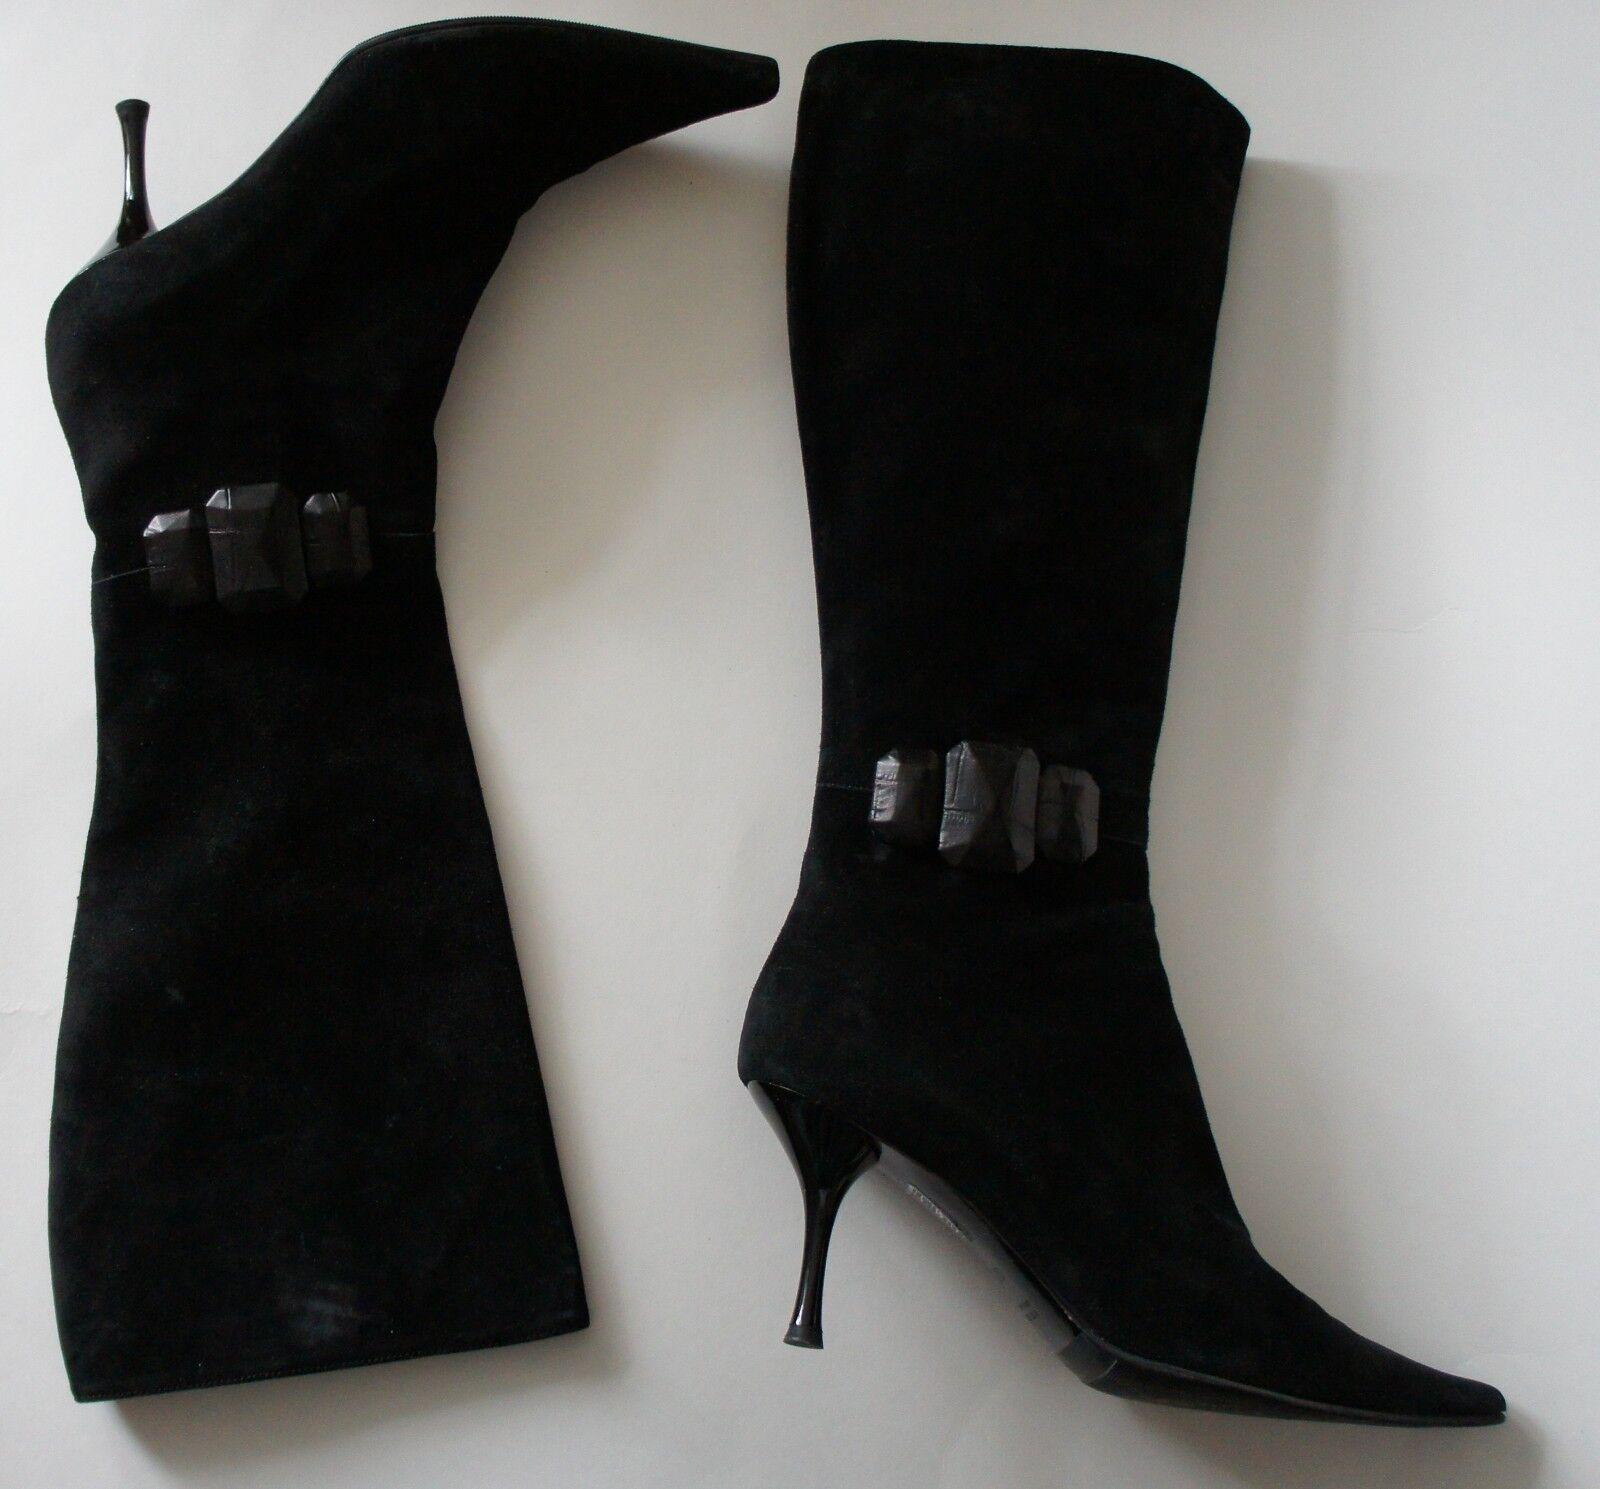 Escada Black Suede Leather Embellished Embellished Embellished Boots Sz 36.5 91f6f7